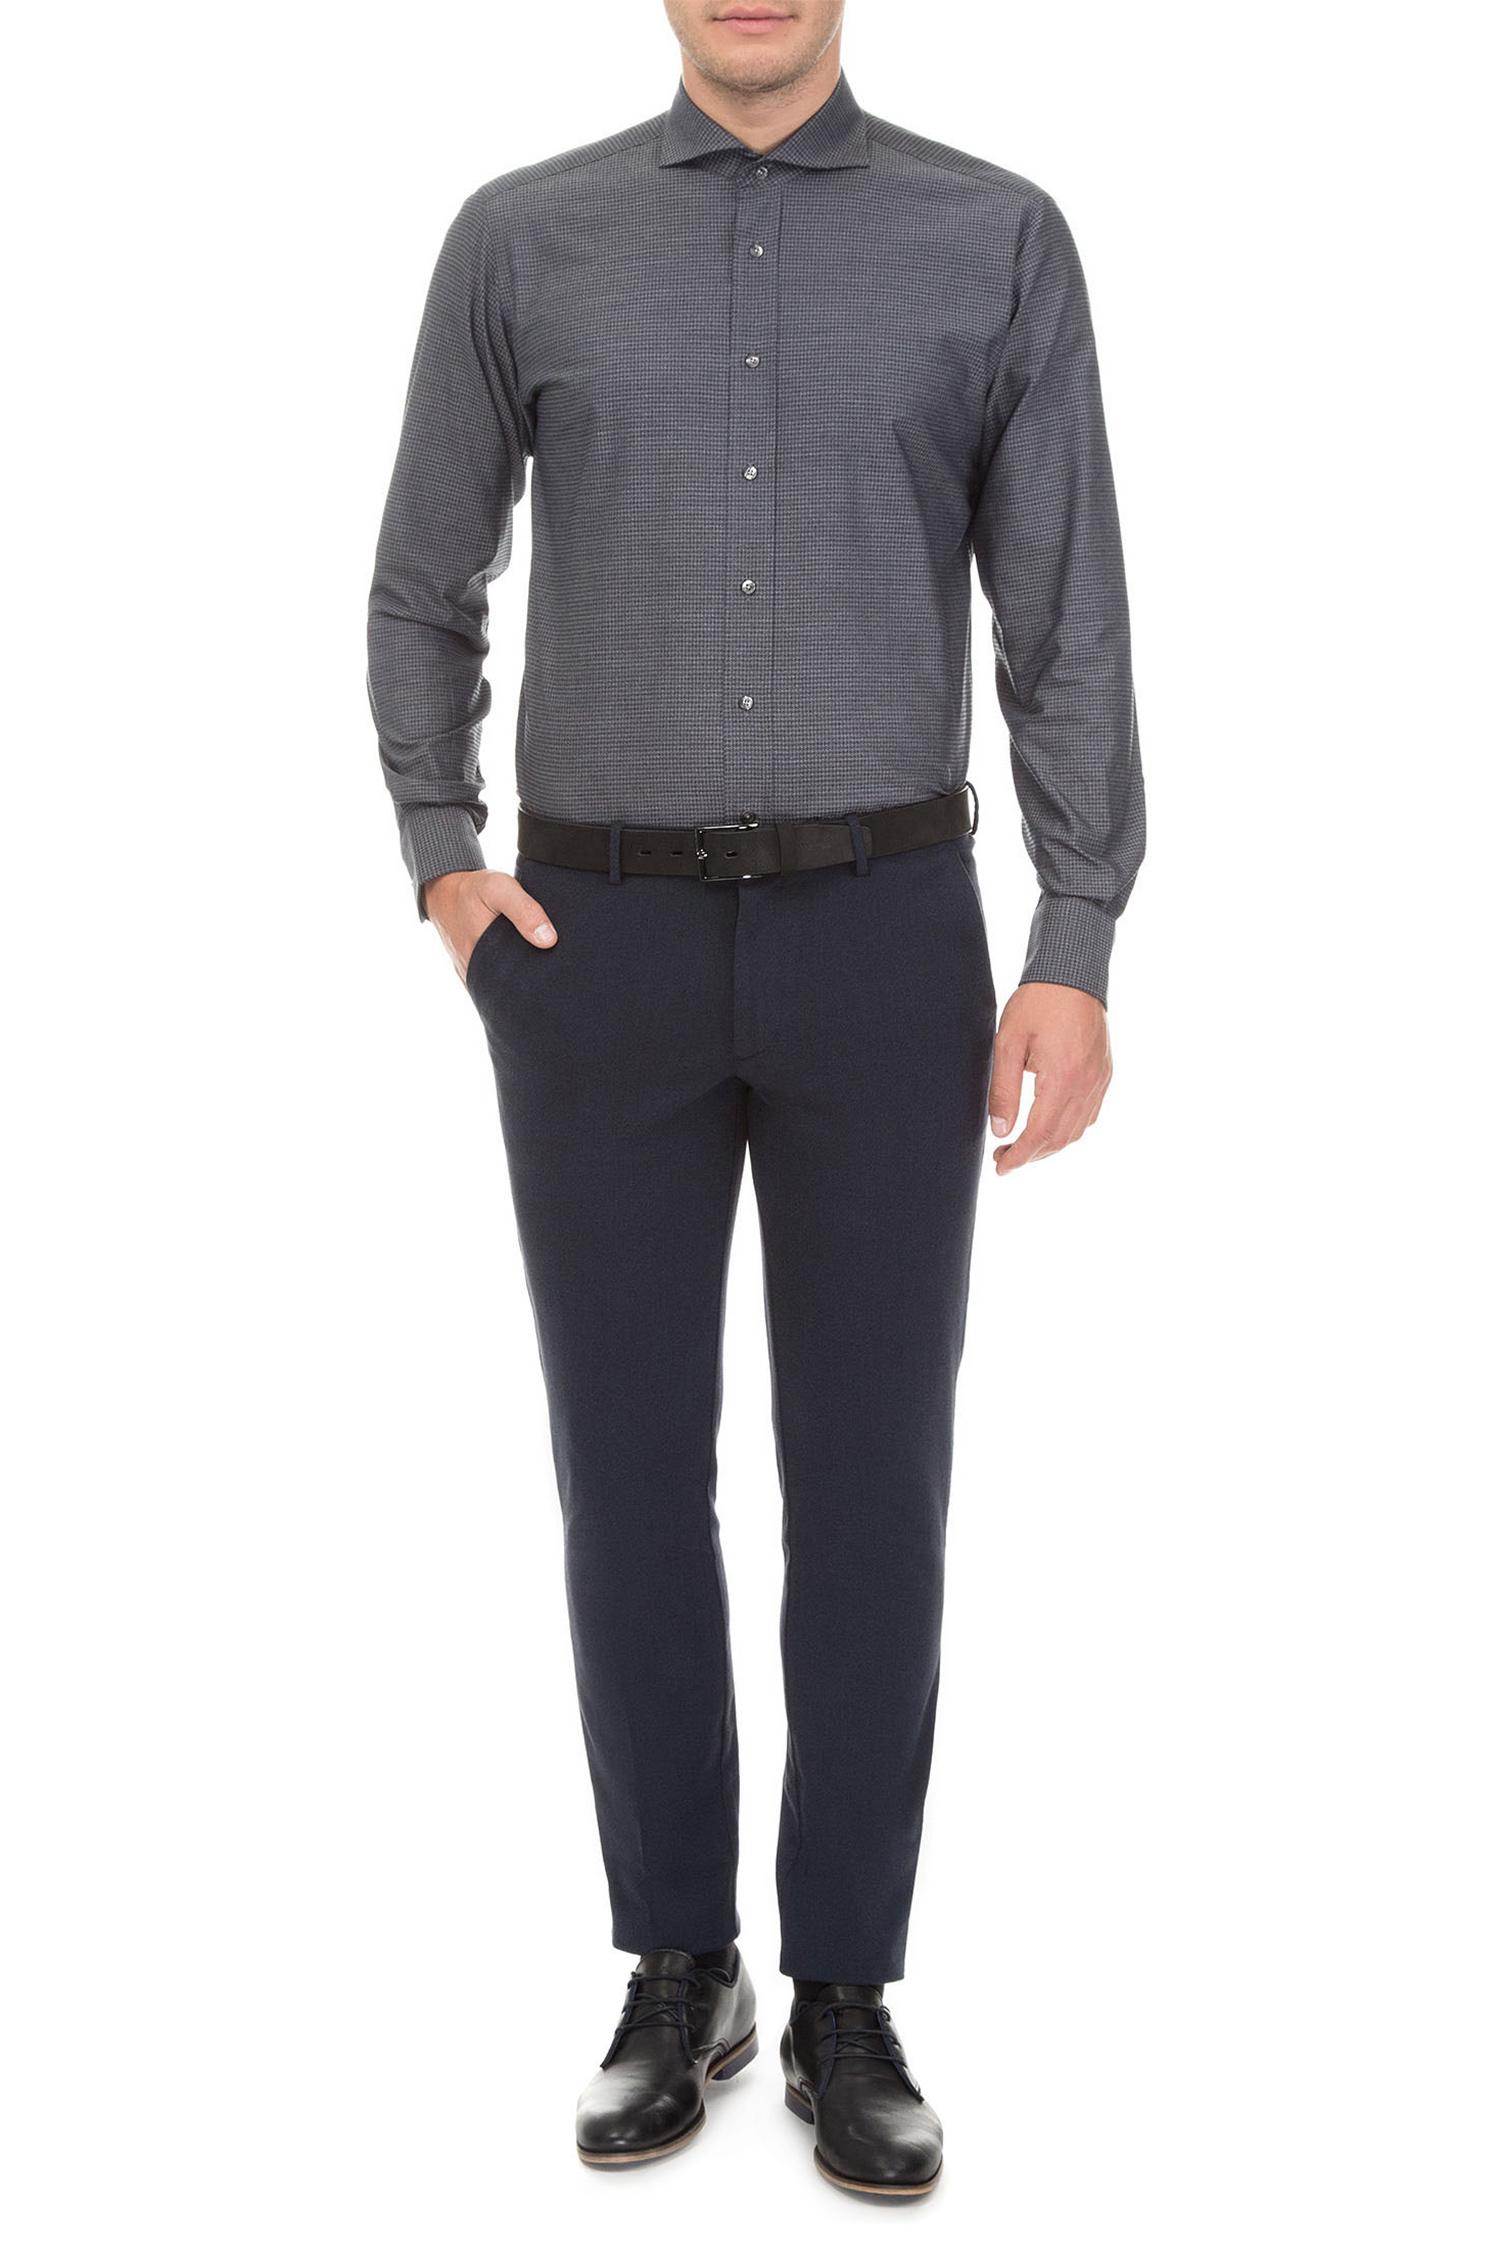 Мужская серая рубашка Karl Lagerfeld 582647.605012;970